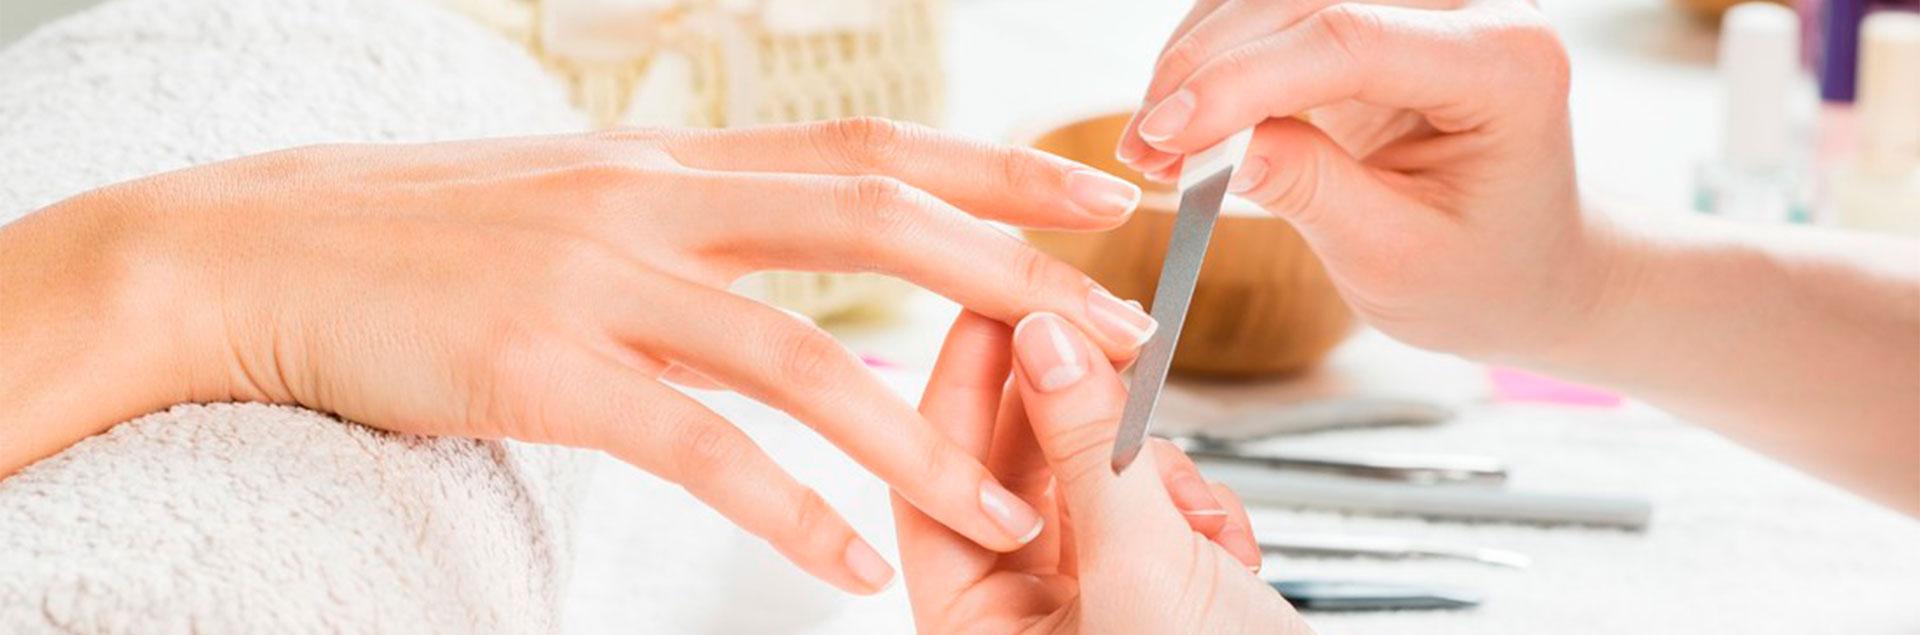 Фото ногтей для парикмахера